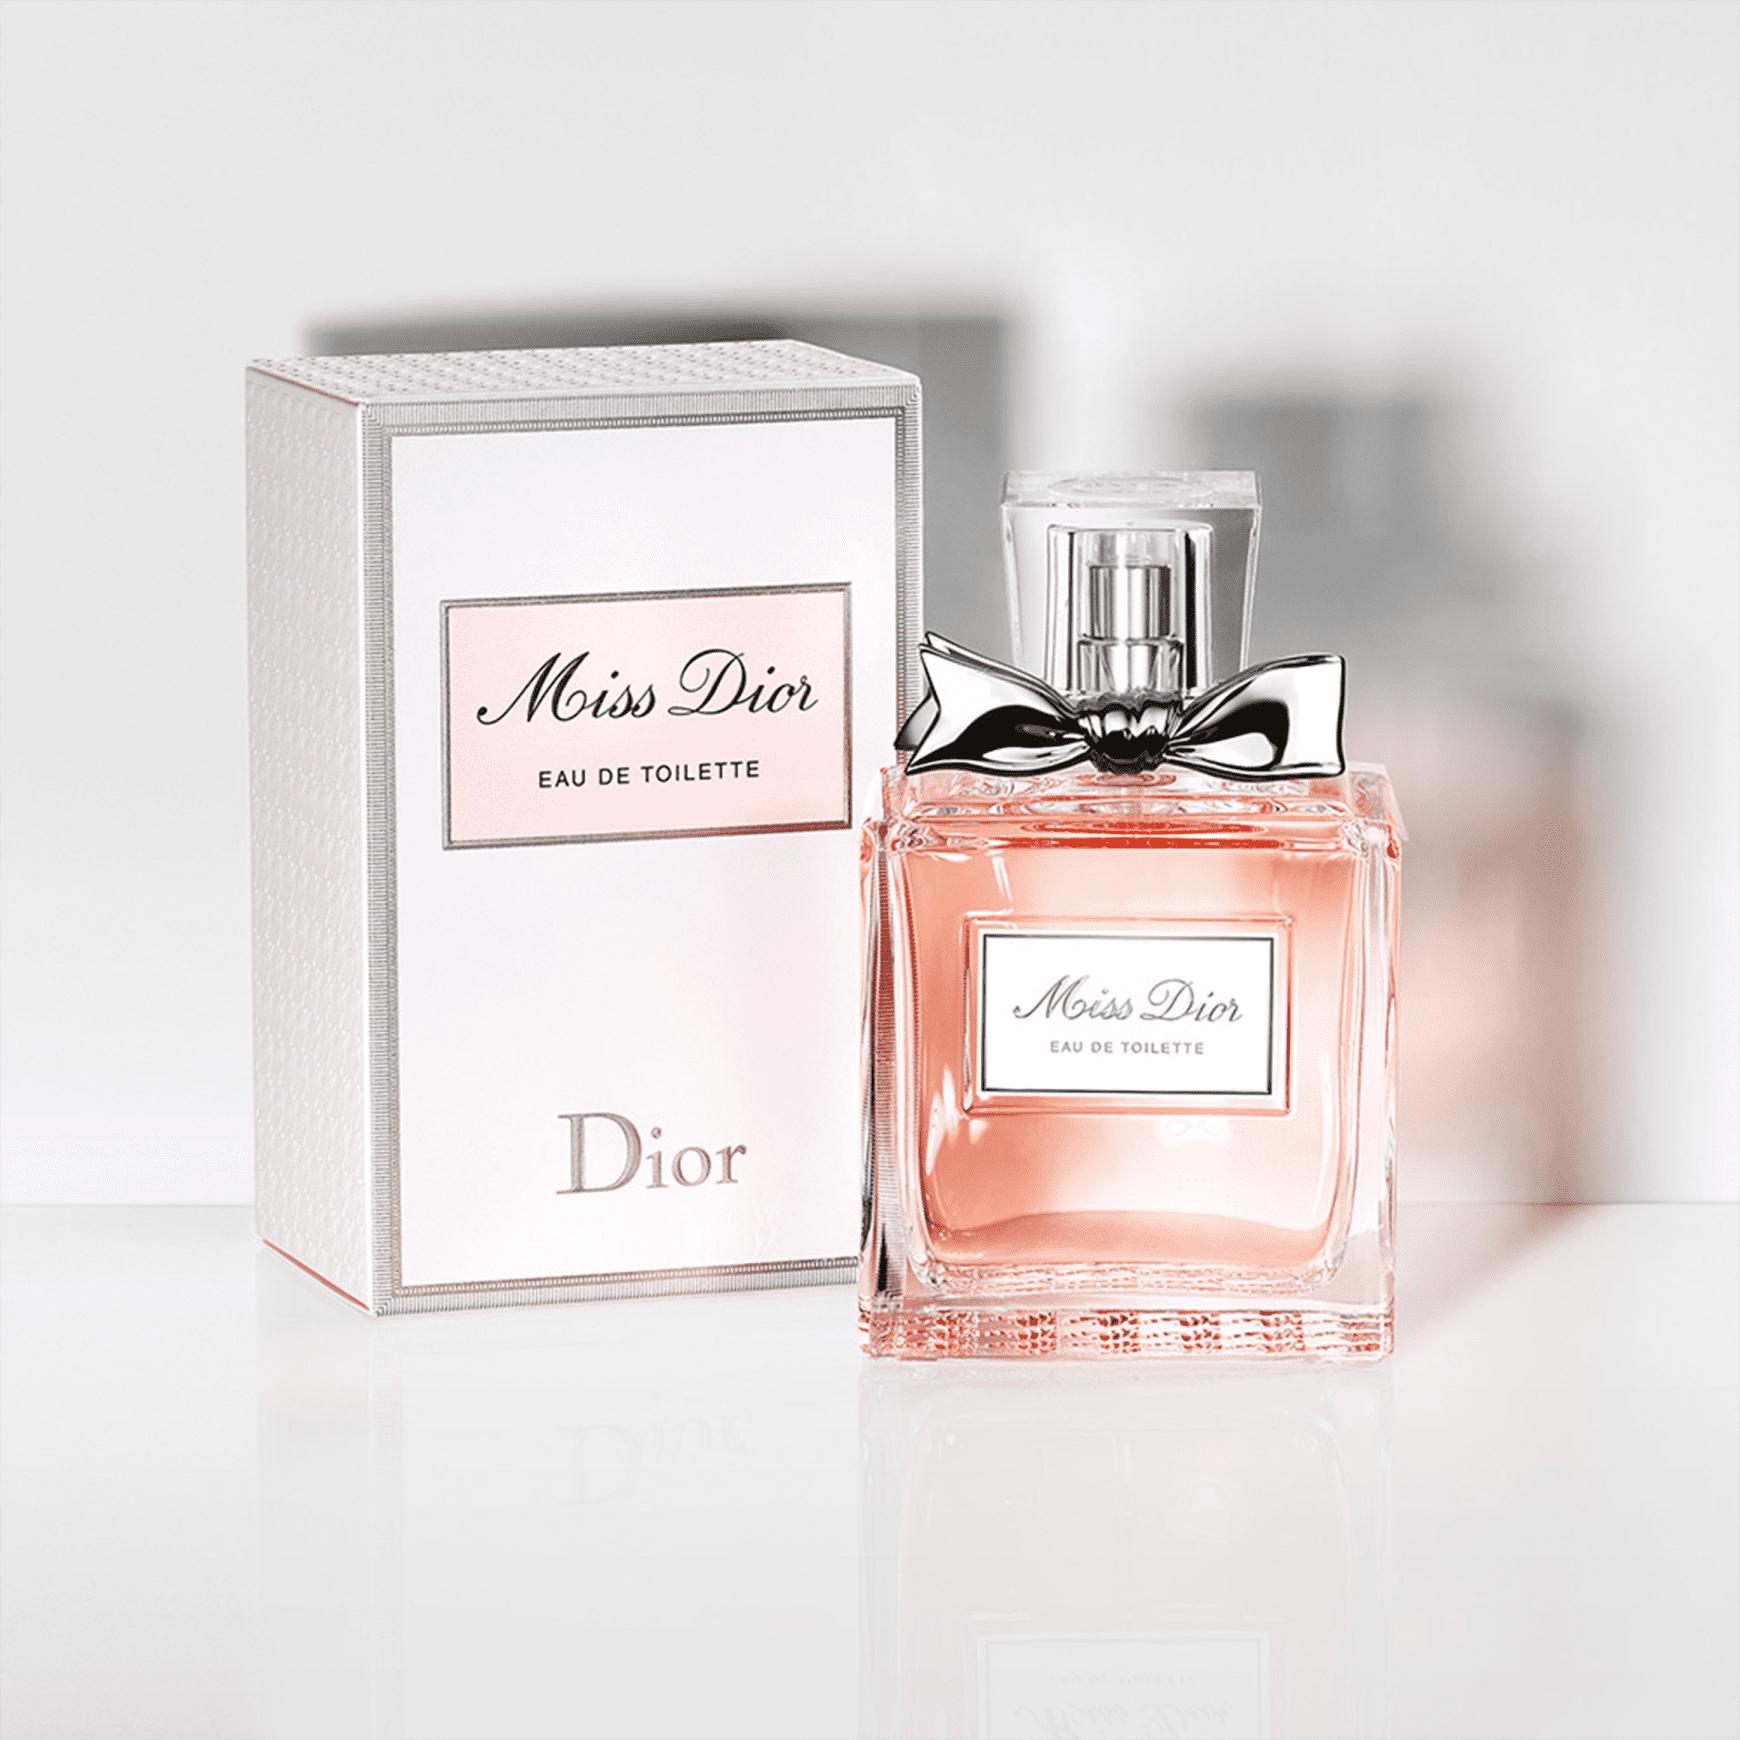 e9fc8a83257 Miss Dior Eau de Toilette - Perfume Feminino 100ml